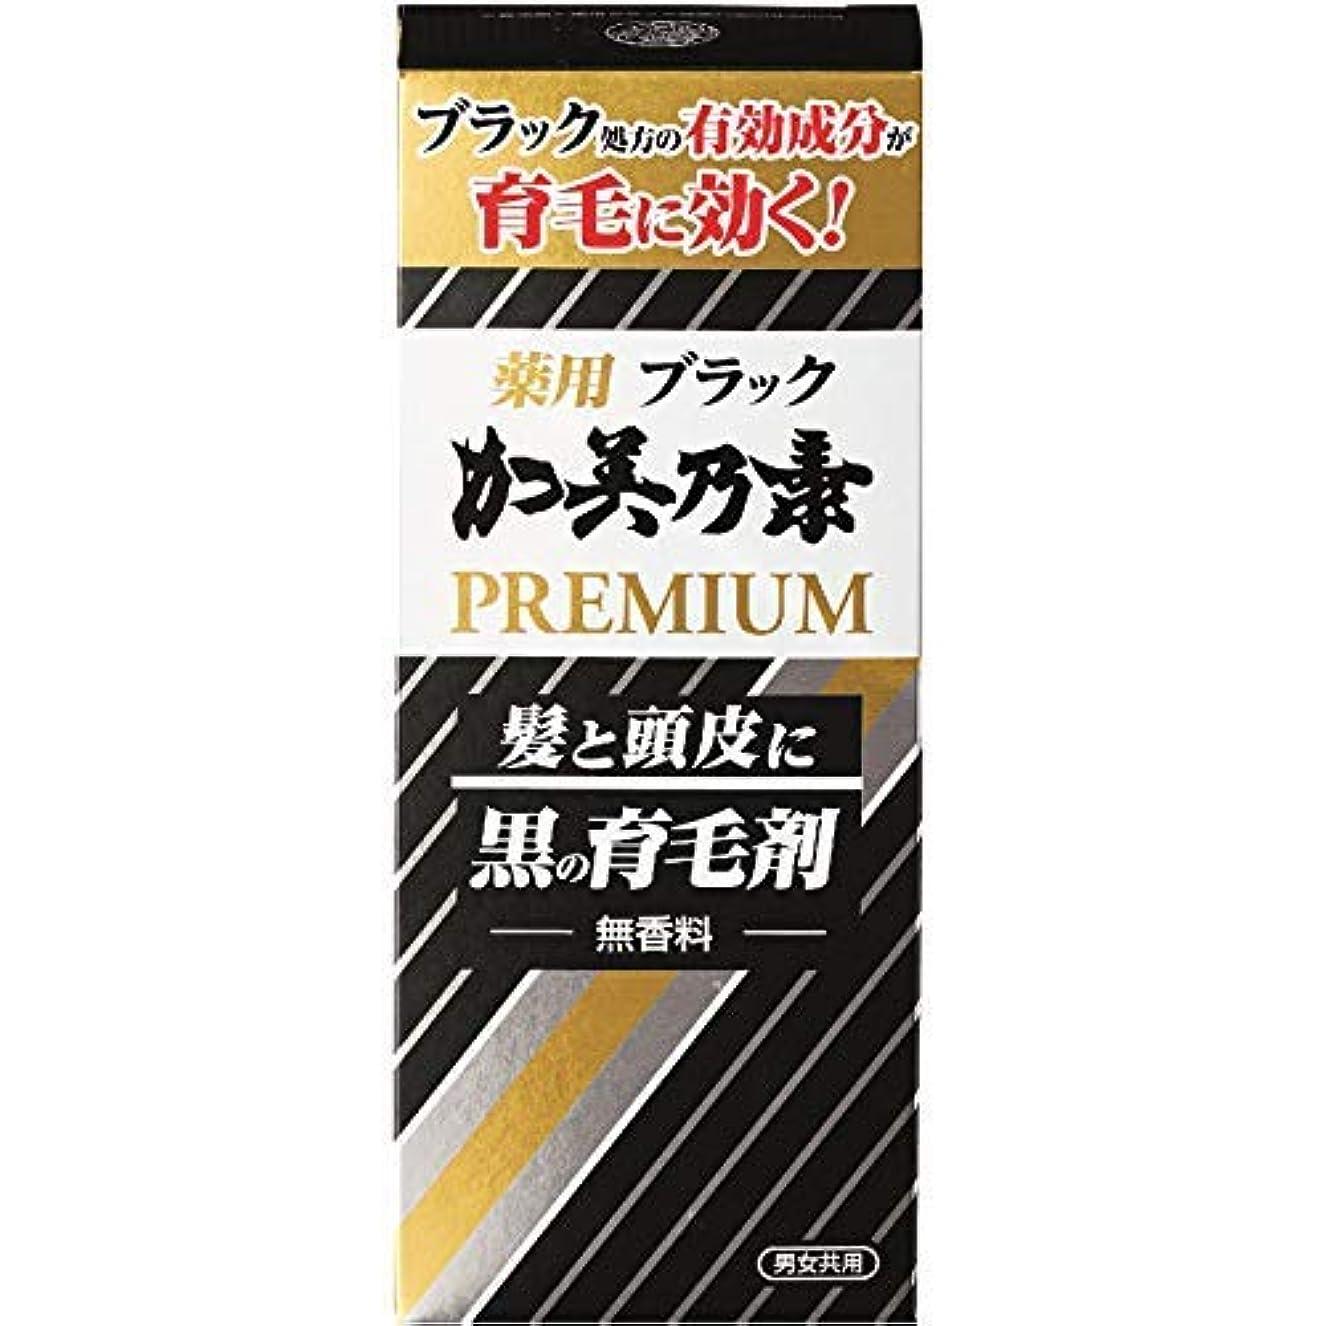 ペニー植物学ペルソナブラック加美乃素 プレミアム × 12個セット